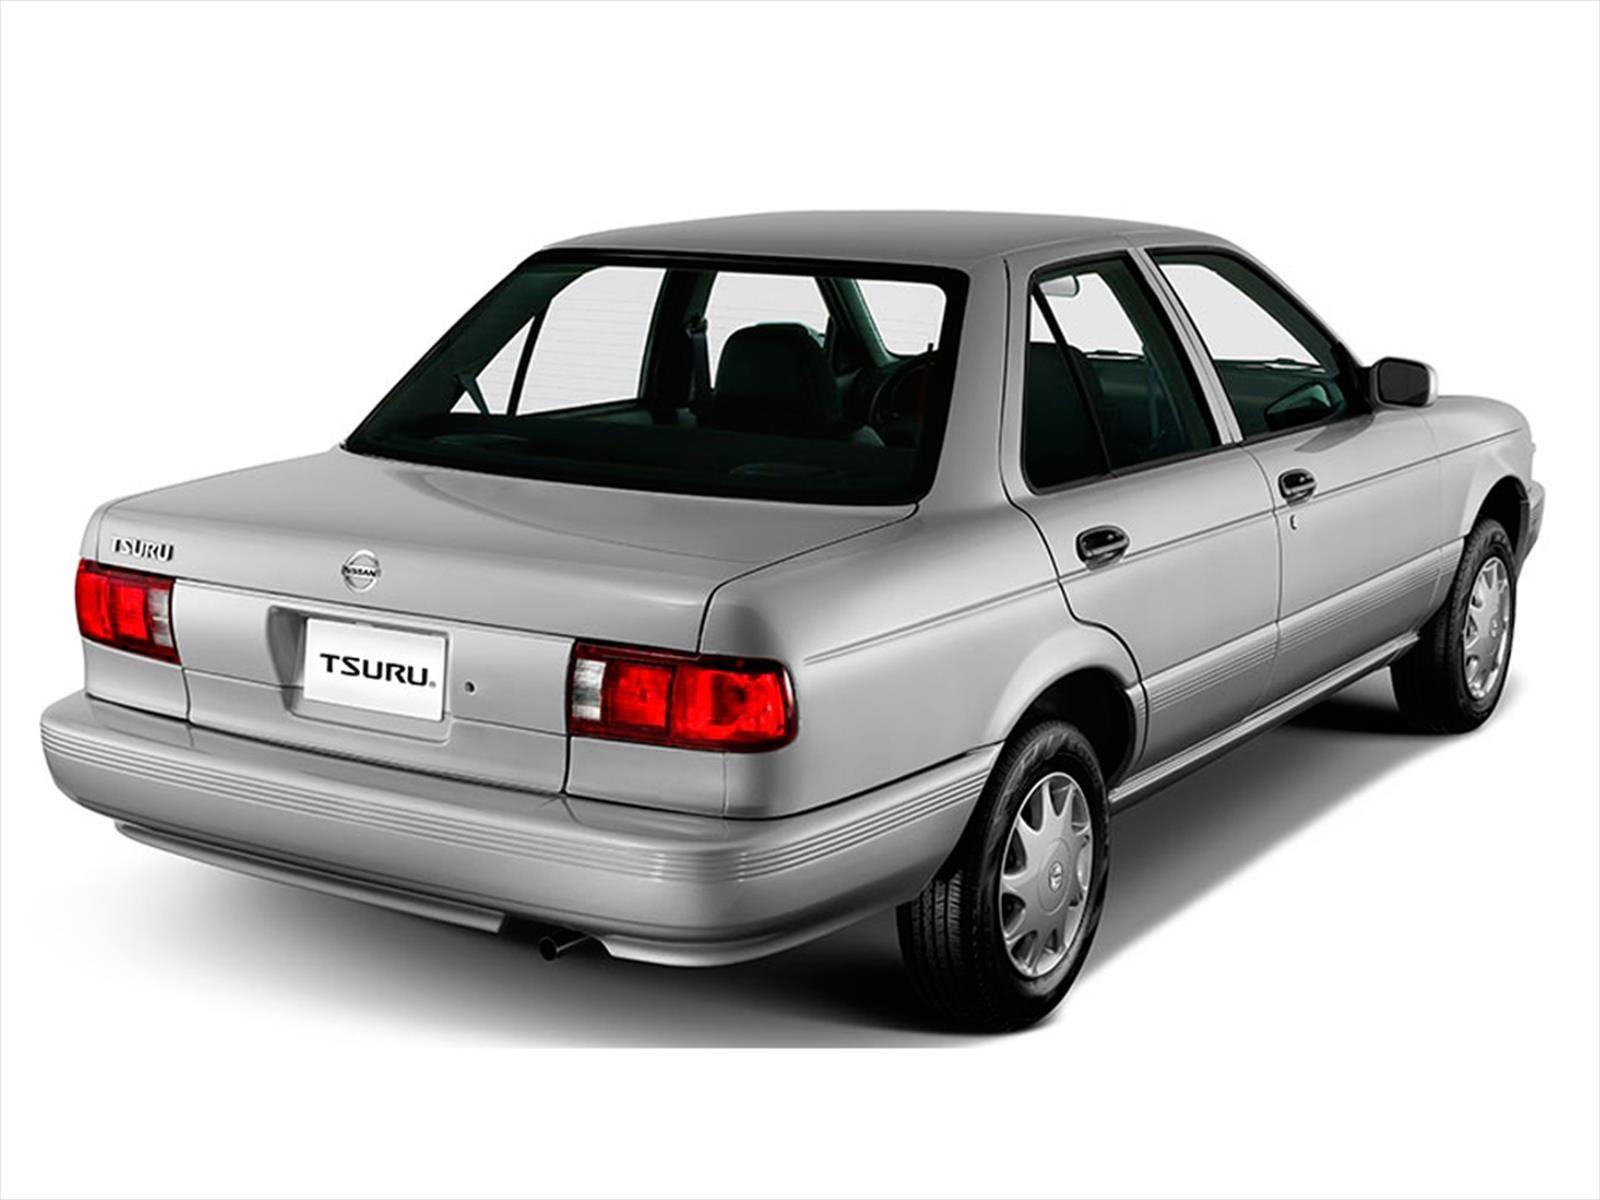 Nissan Tsuru dejará de producirse en 2017 - Autocosmos.com